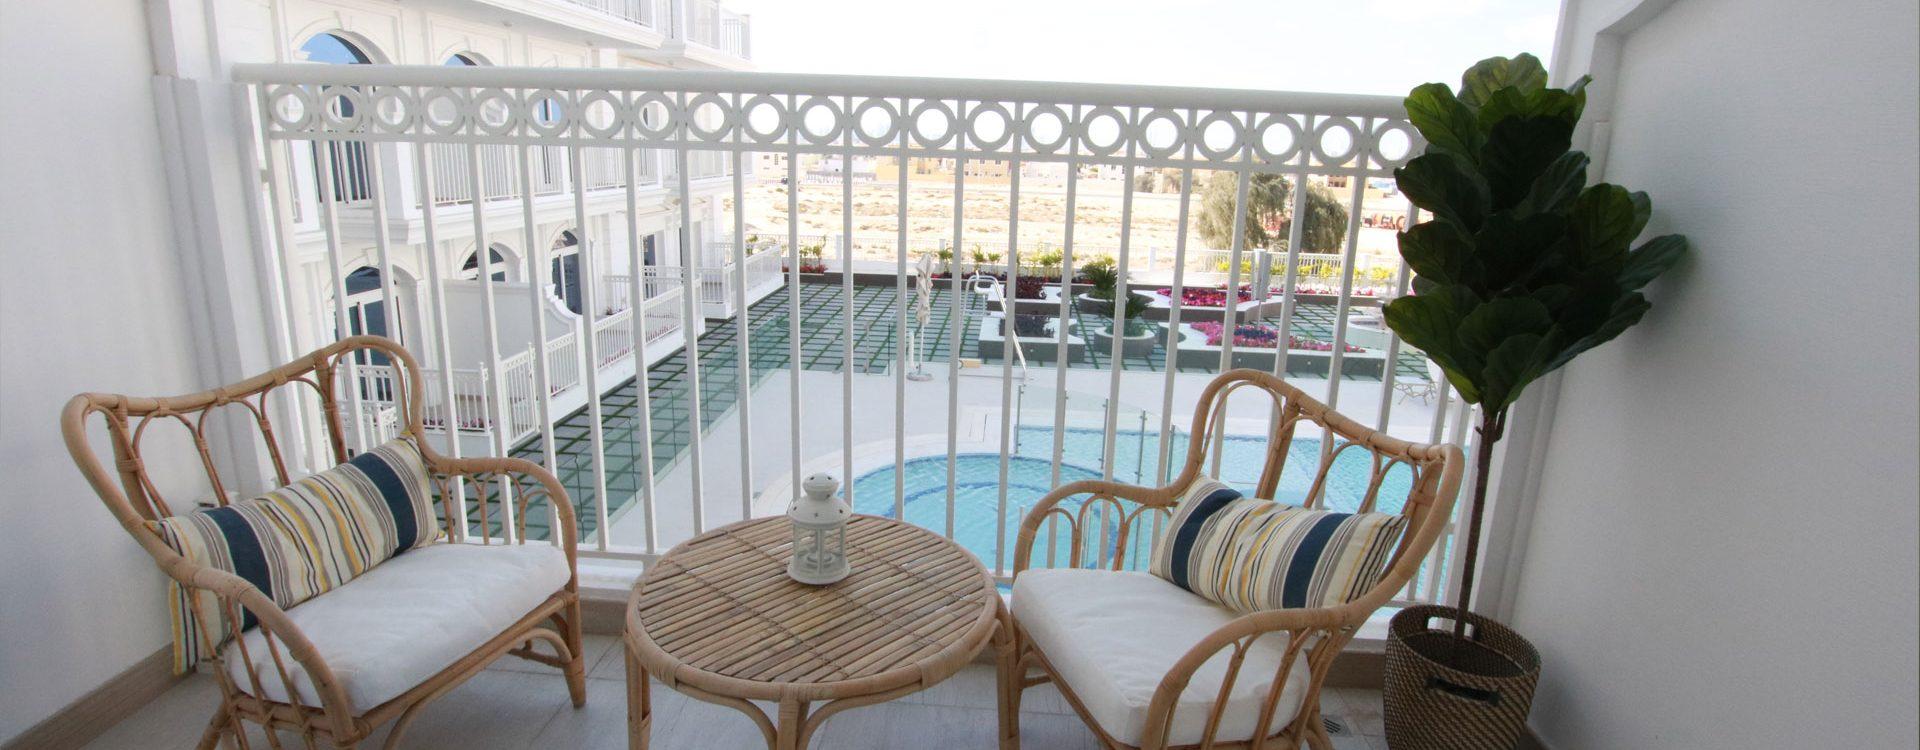 apartments-for-sale-in-vincitore-palacio-dubai-view8